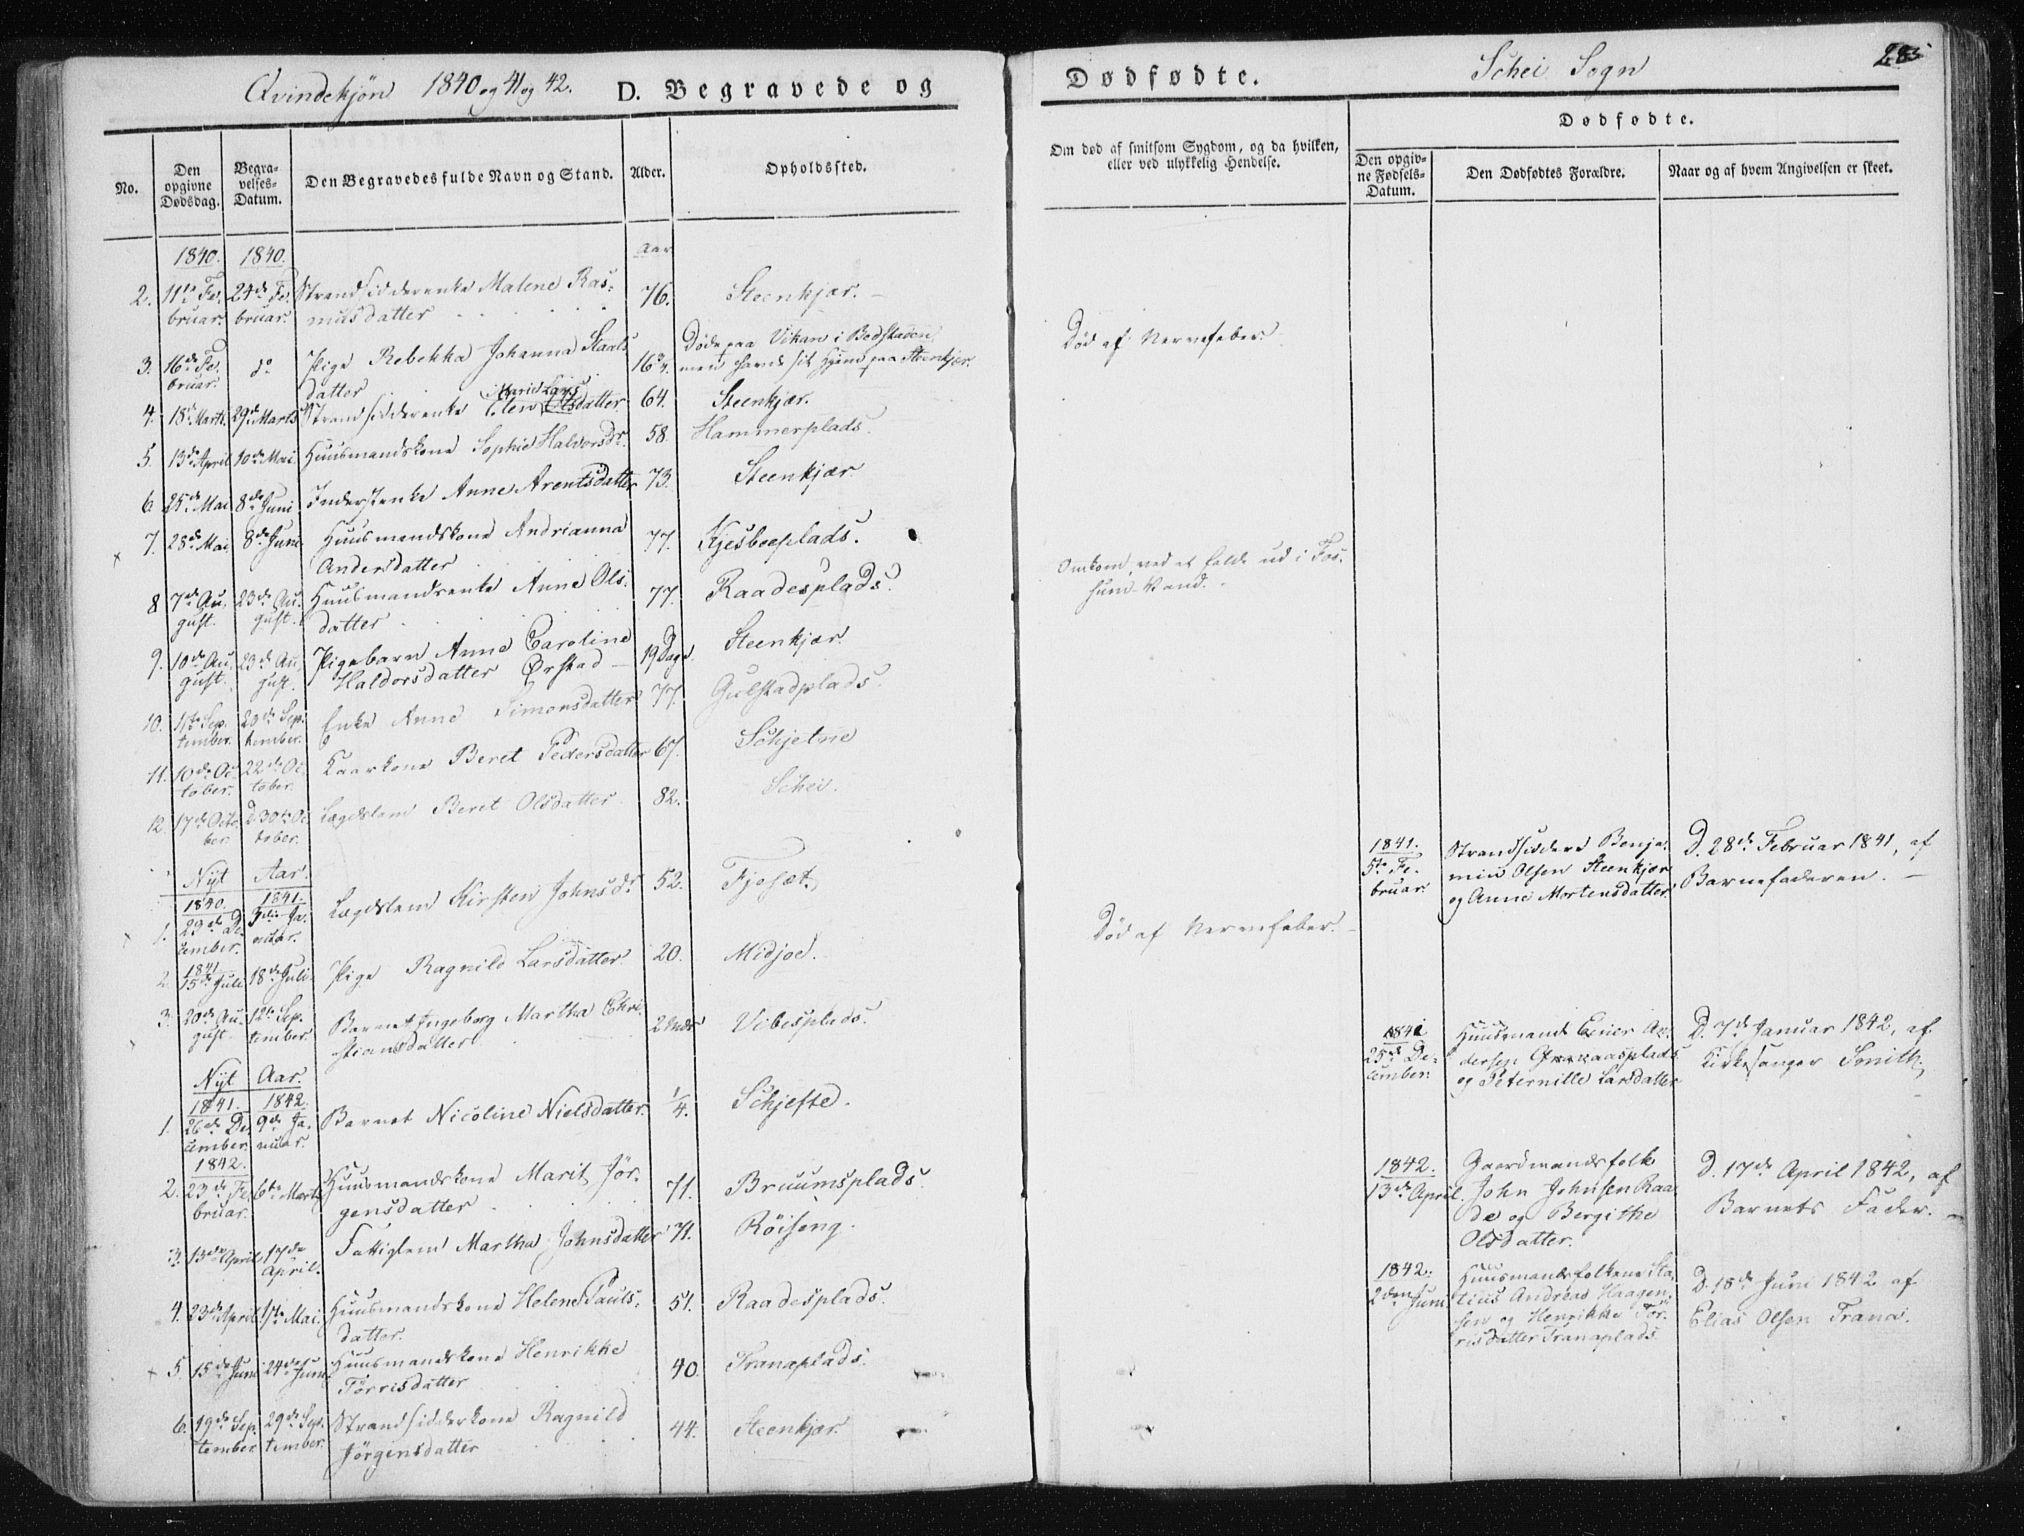 SAT, Ministerialprotokoller, klokkerbøker og fødselsregistre - Nord-Trøndelag, 735/L0339: Ministerialbok nr. 735A06 /2, 1836-1848, s. 285